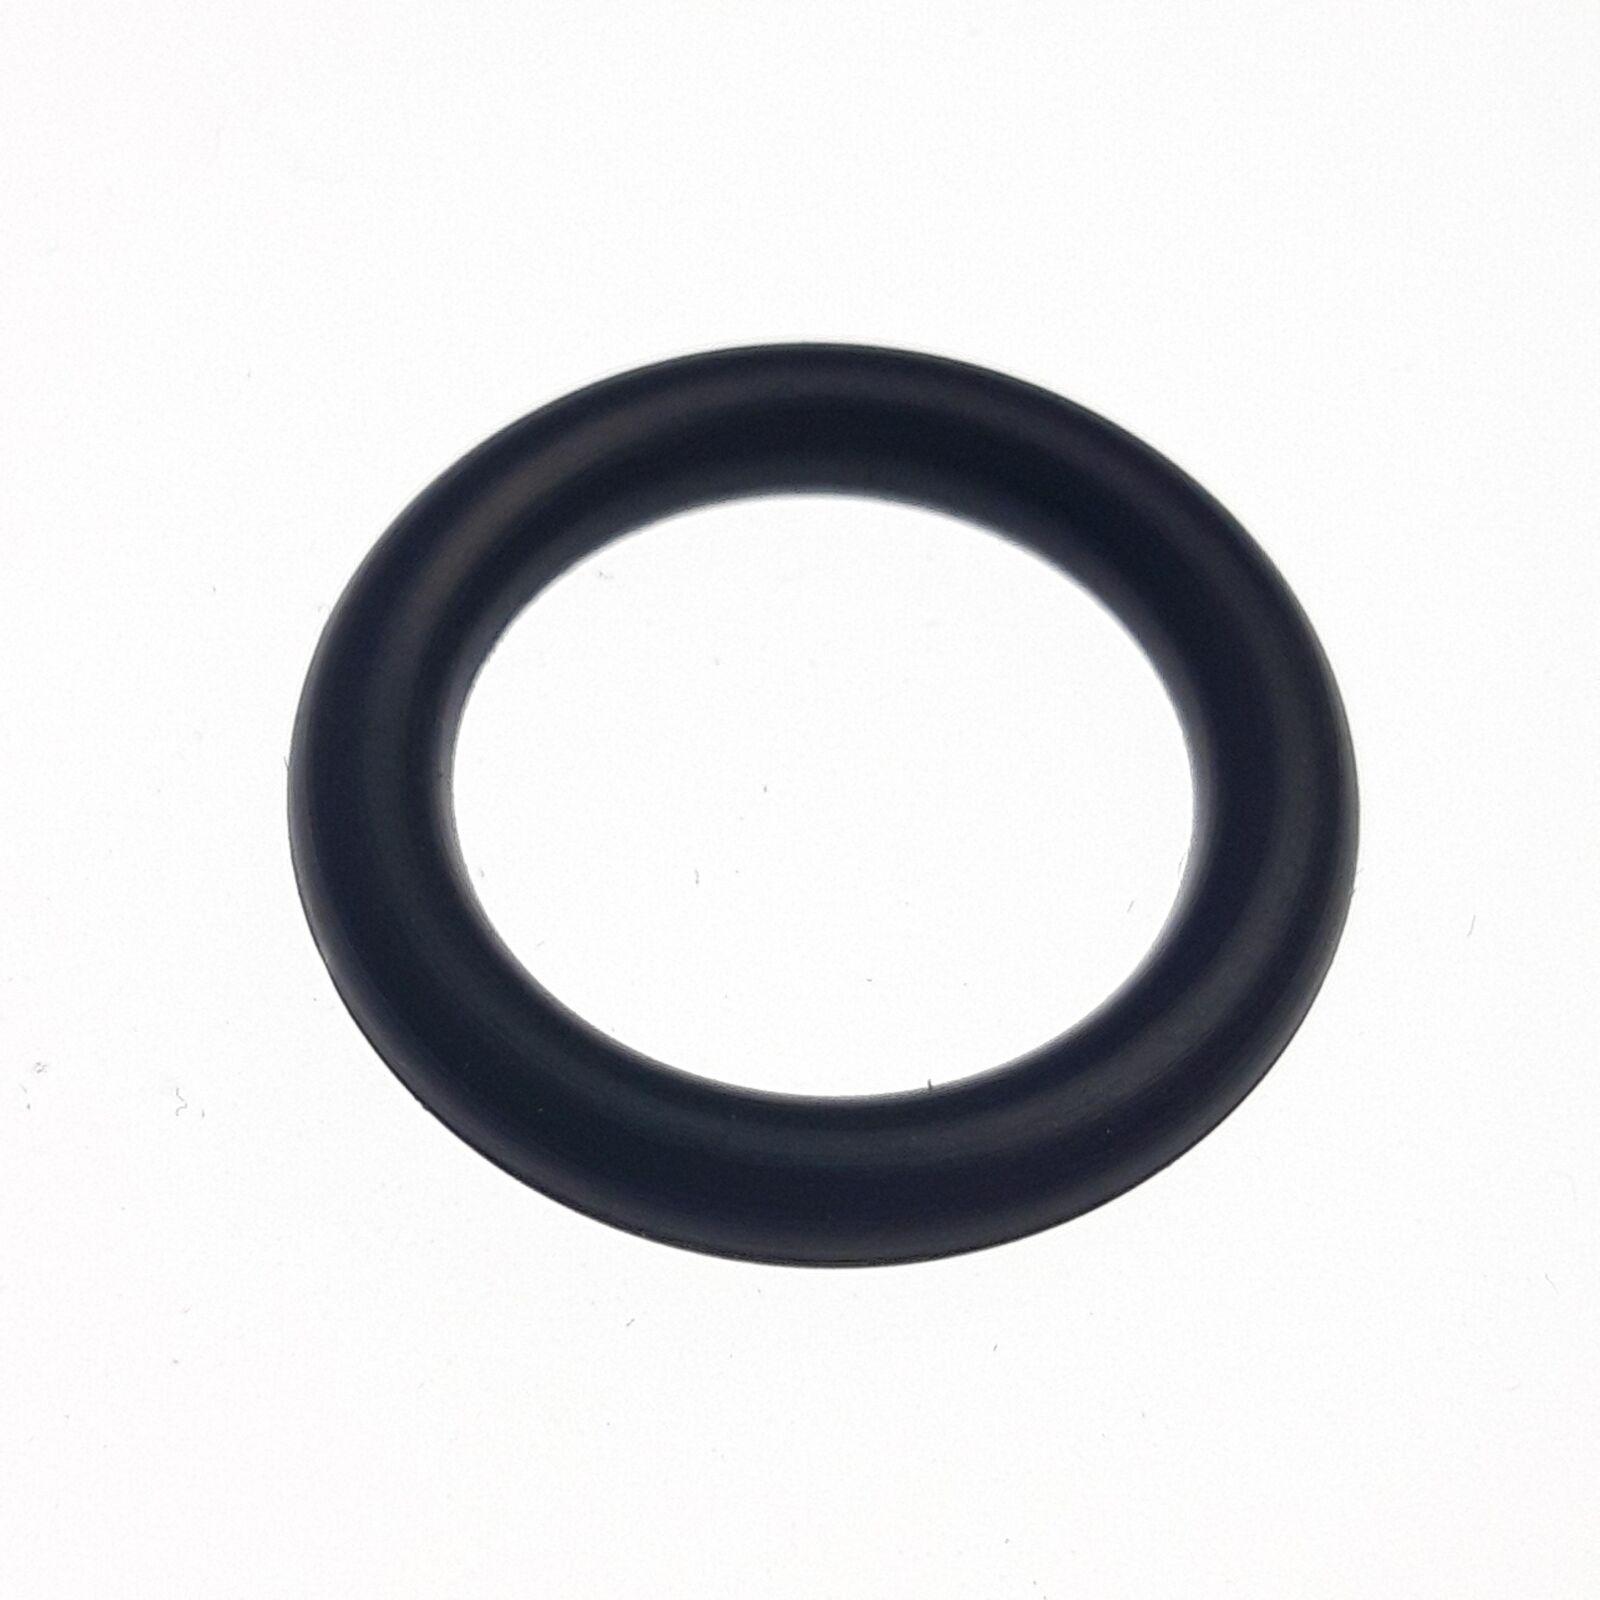 Seals: O-Ring (-208) .139 C.S. X .609 ID) Standard N674-70, Dynamic